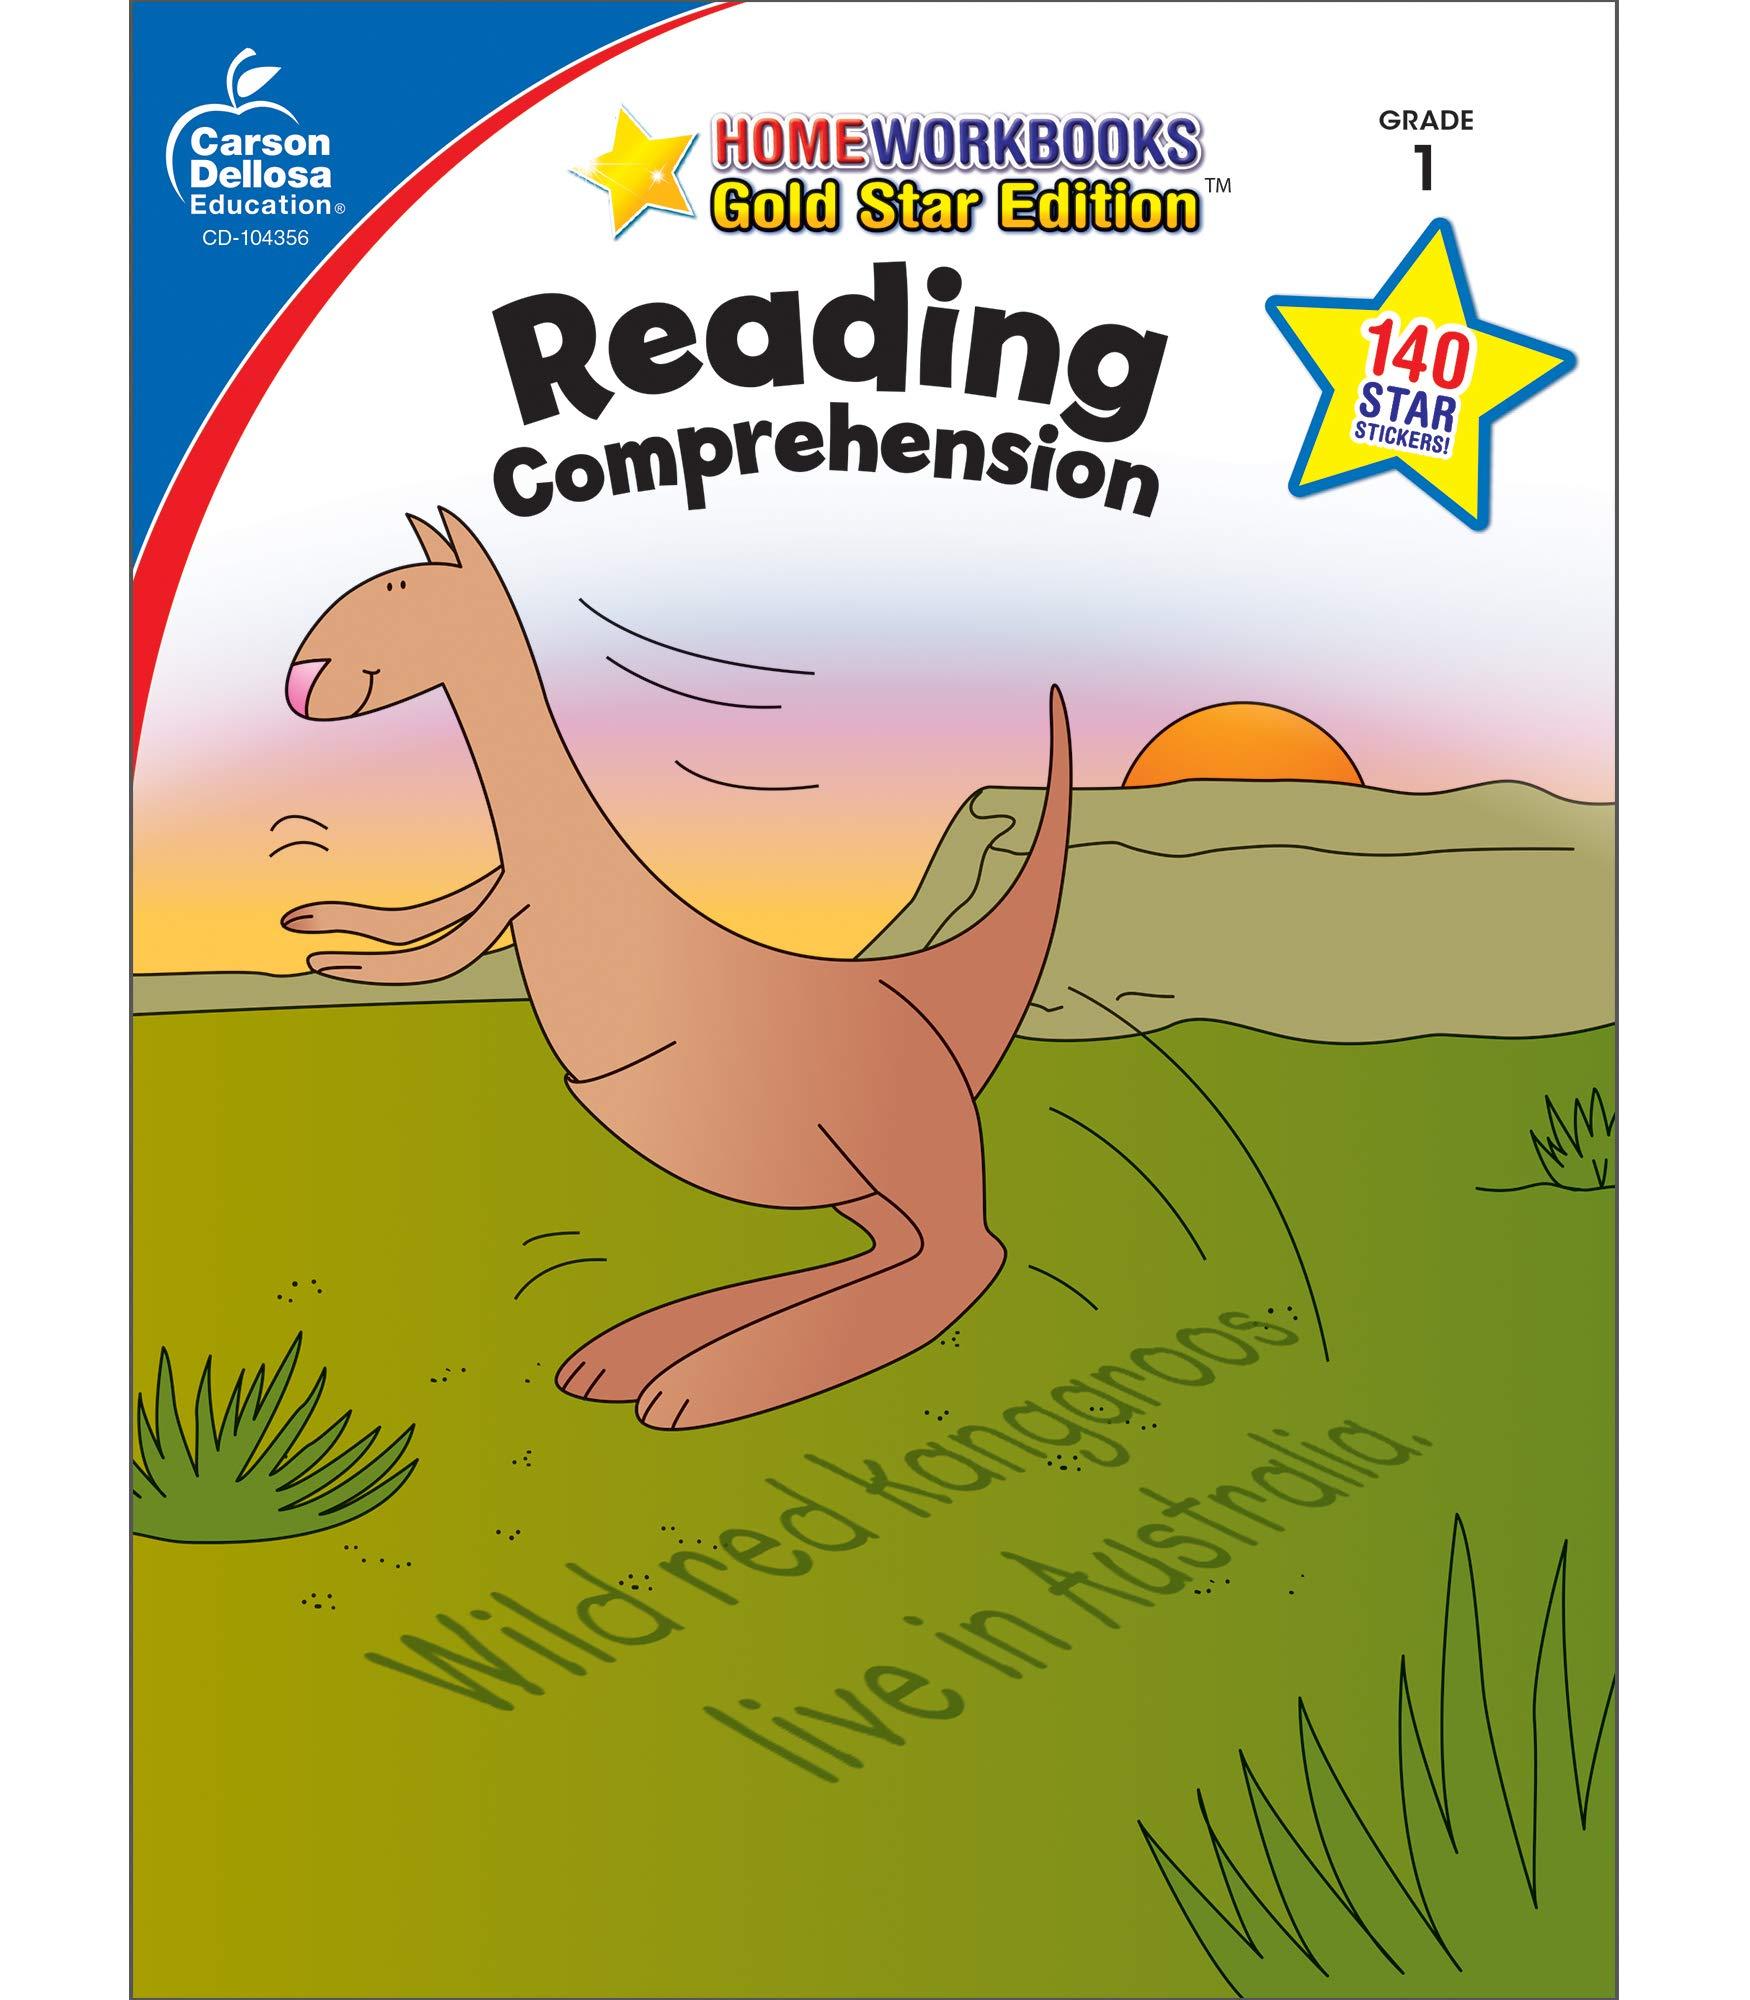 - Carson Dellosa Reading Comprehension Workbook 1st Grade, 64pgs